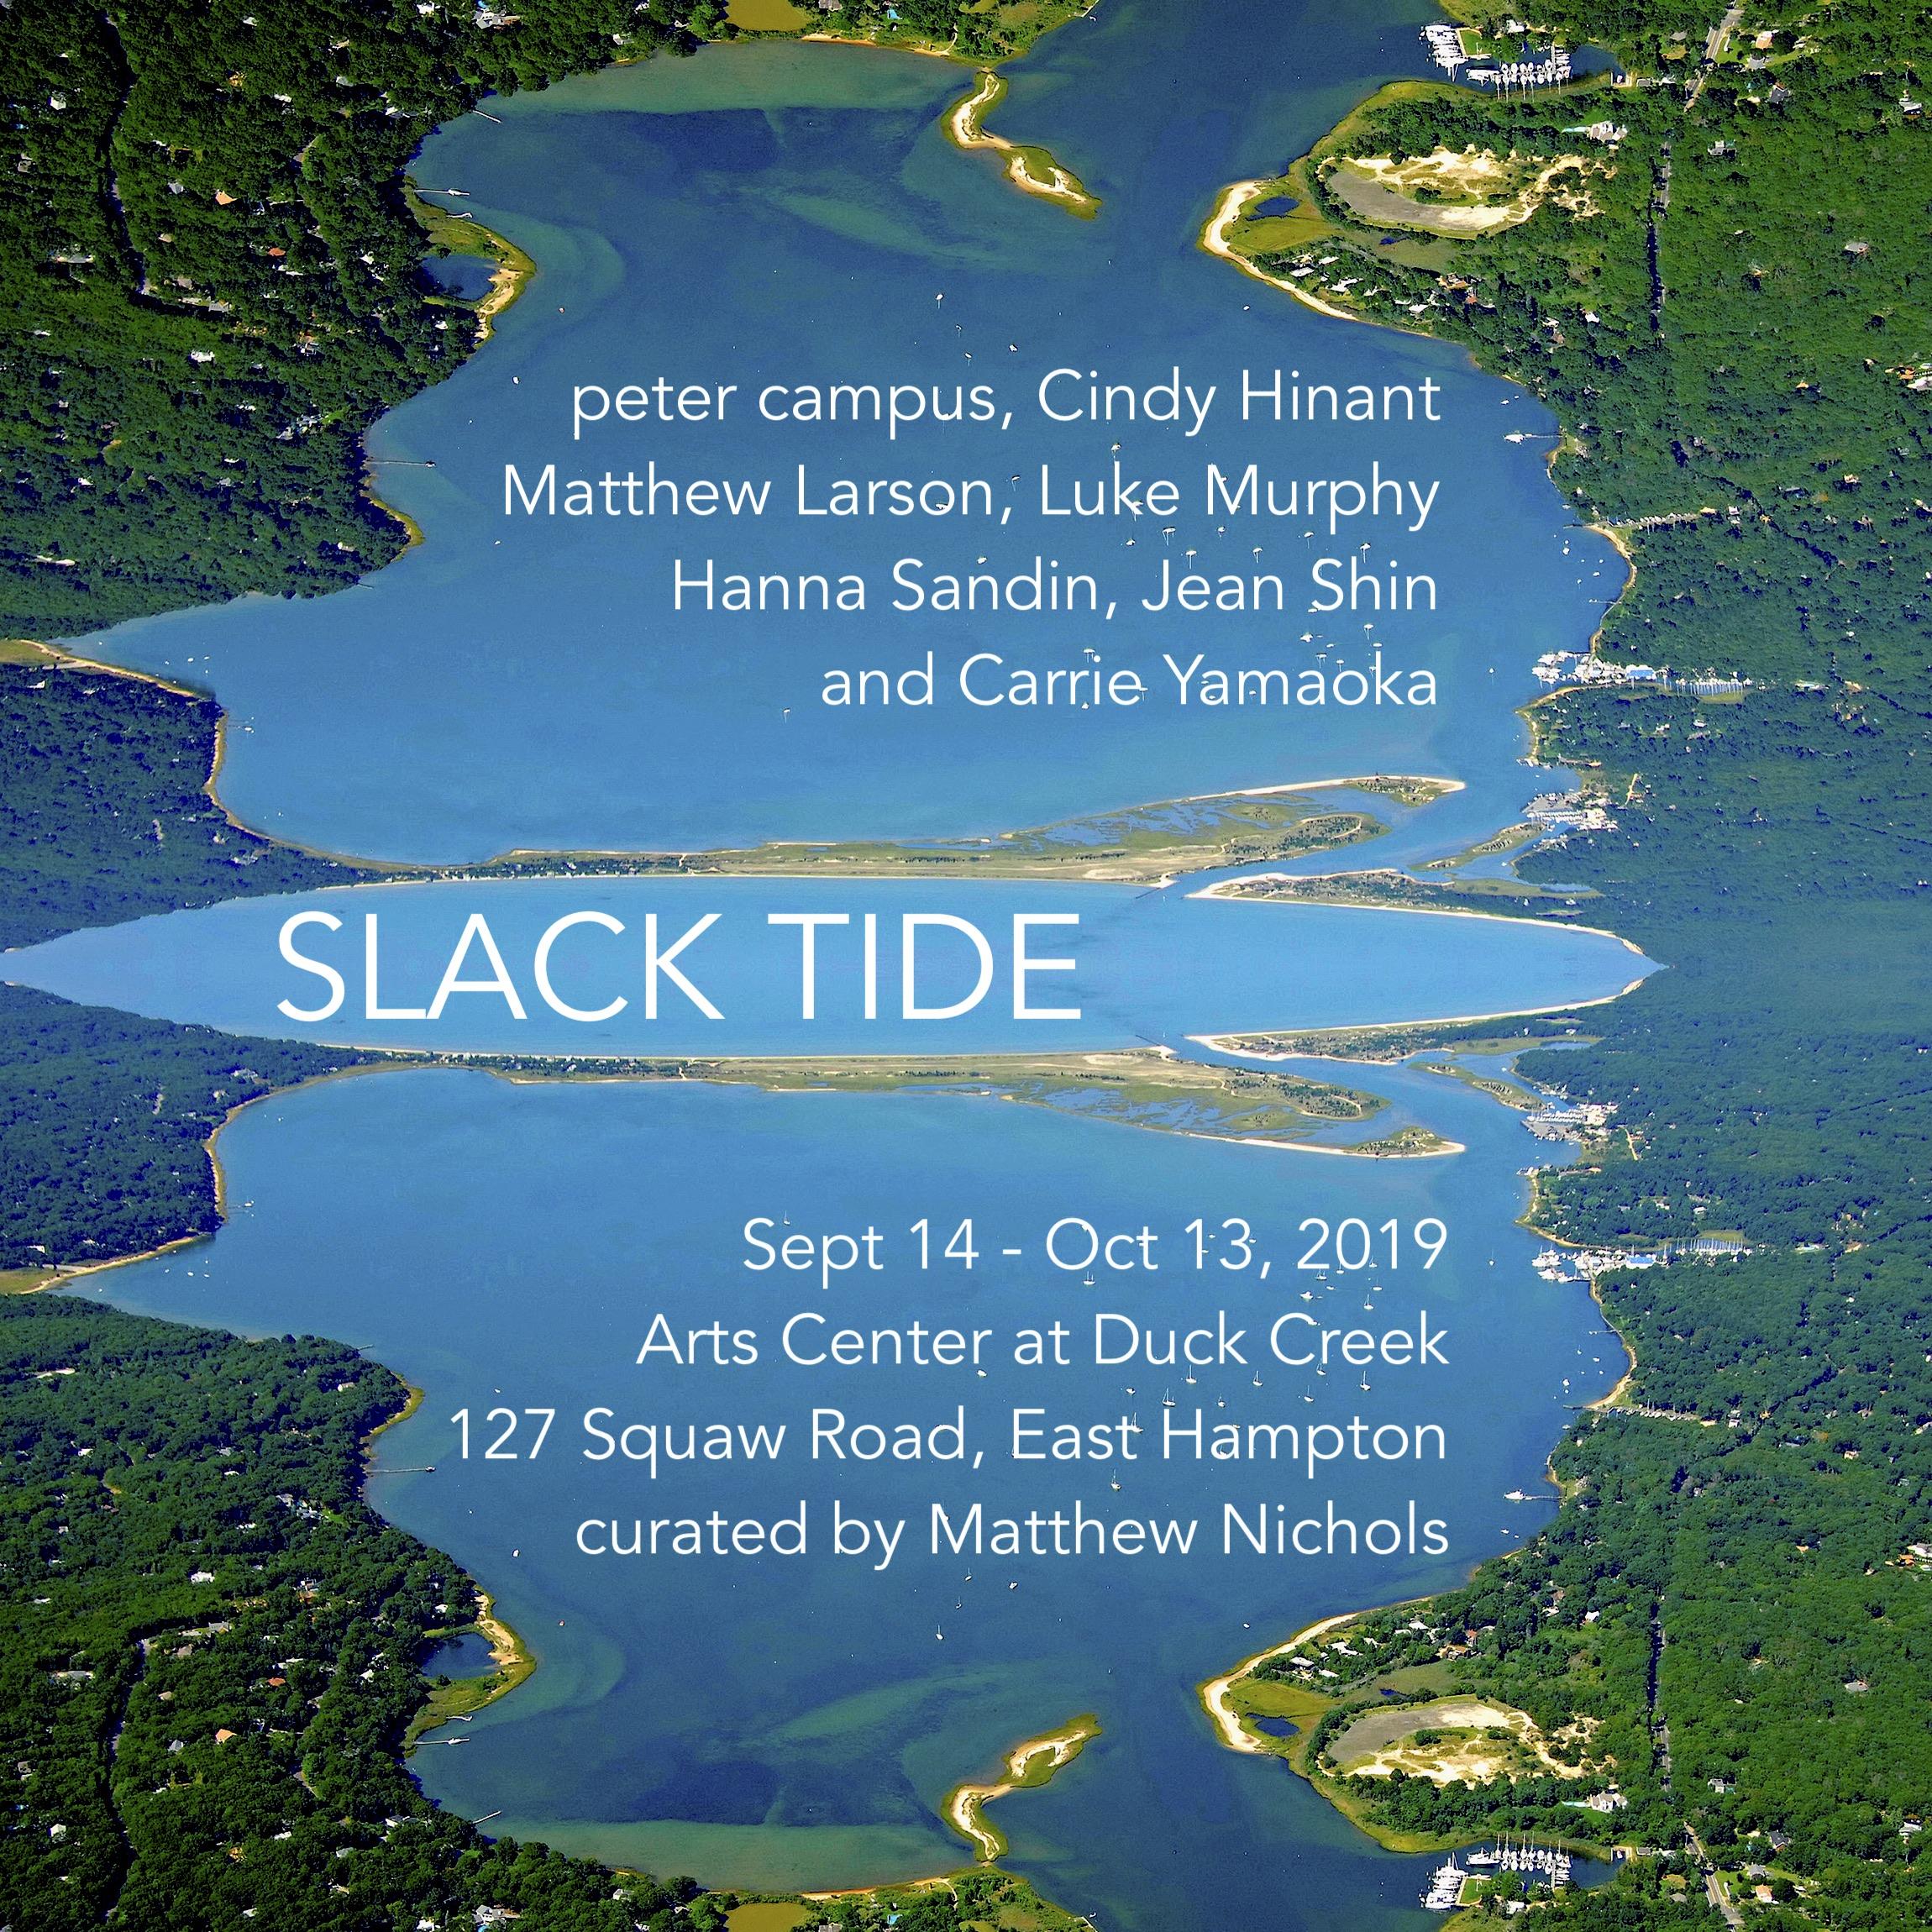 Slack Tide announcement smaller.jpg